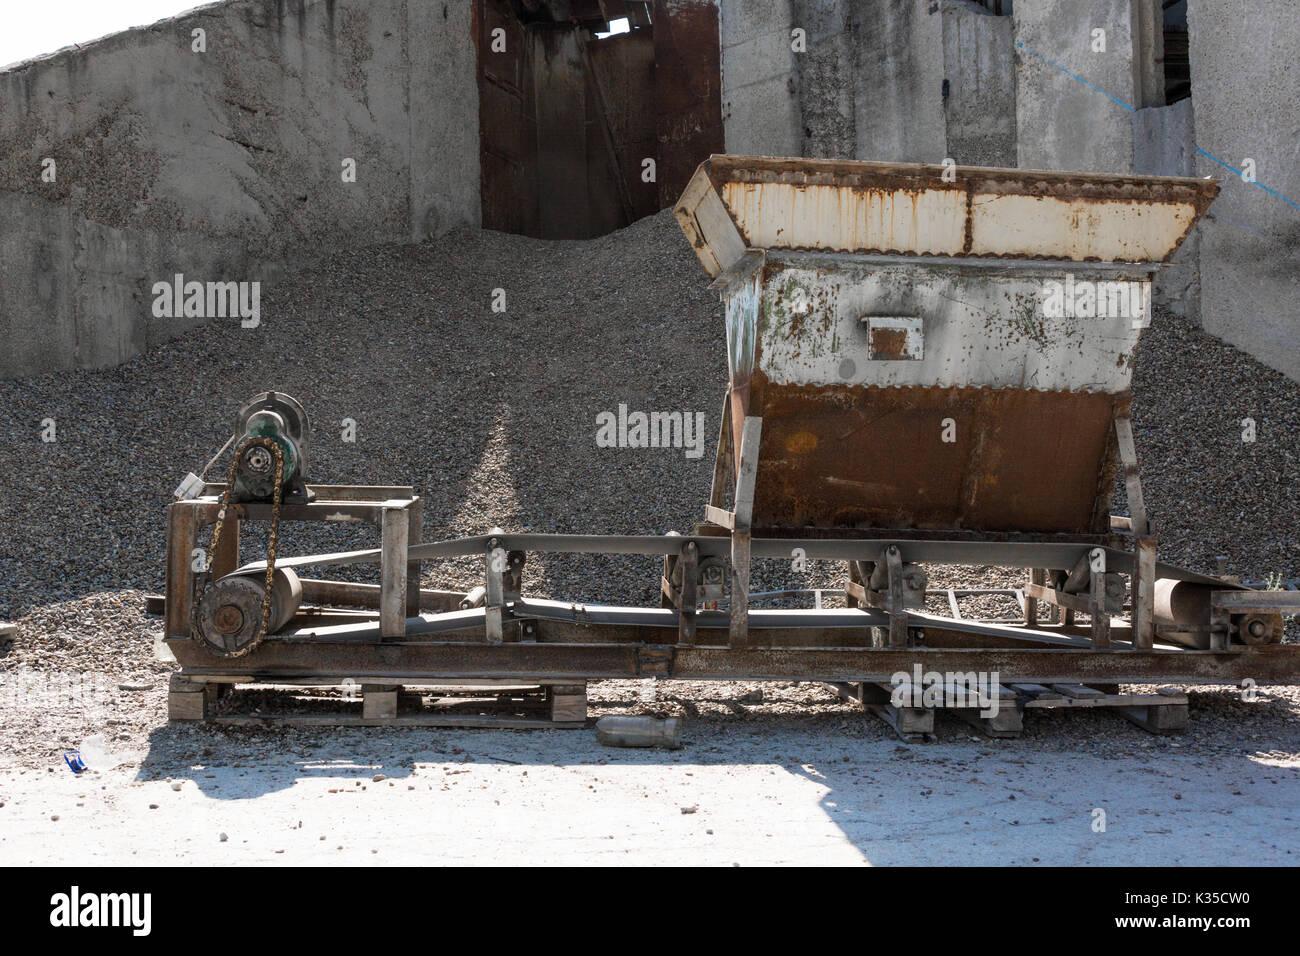 Agregado de tamizar y envasado en una planta de fabricación de hormigón Imagen De Stock